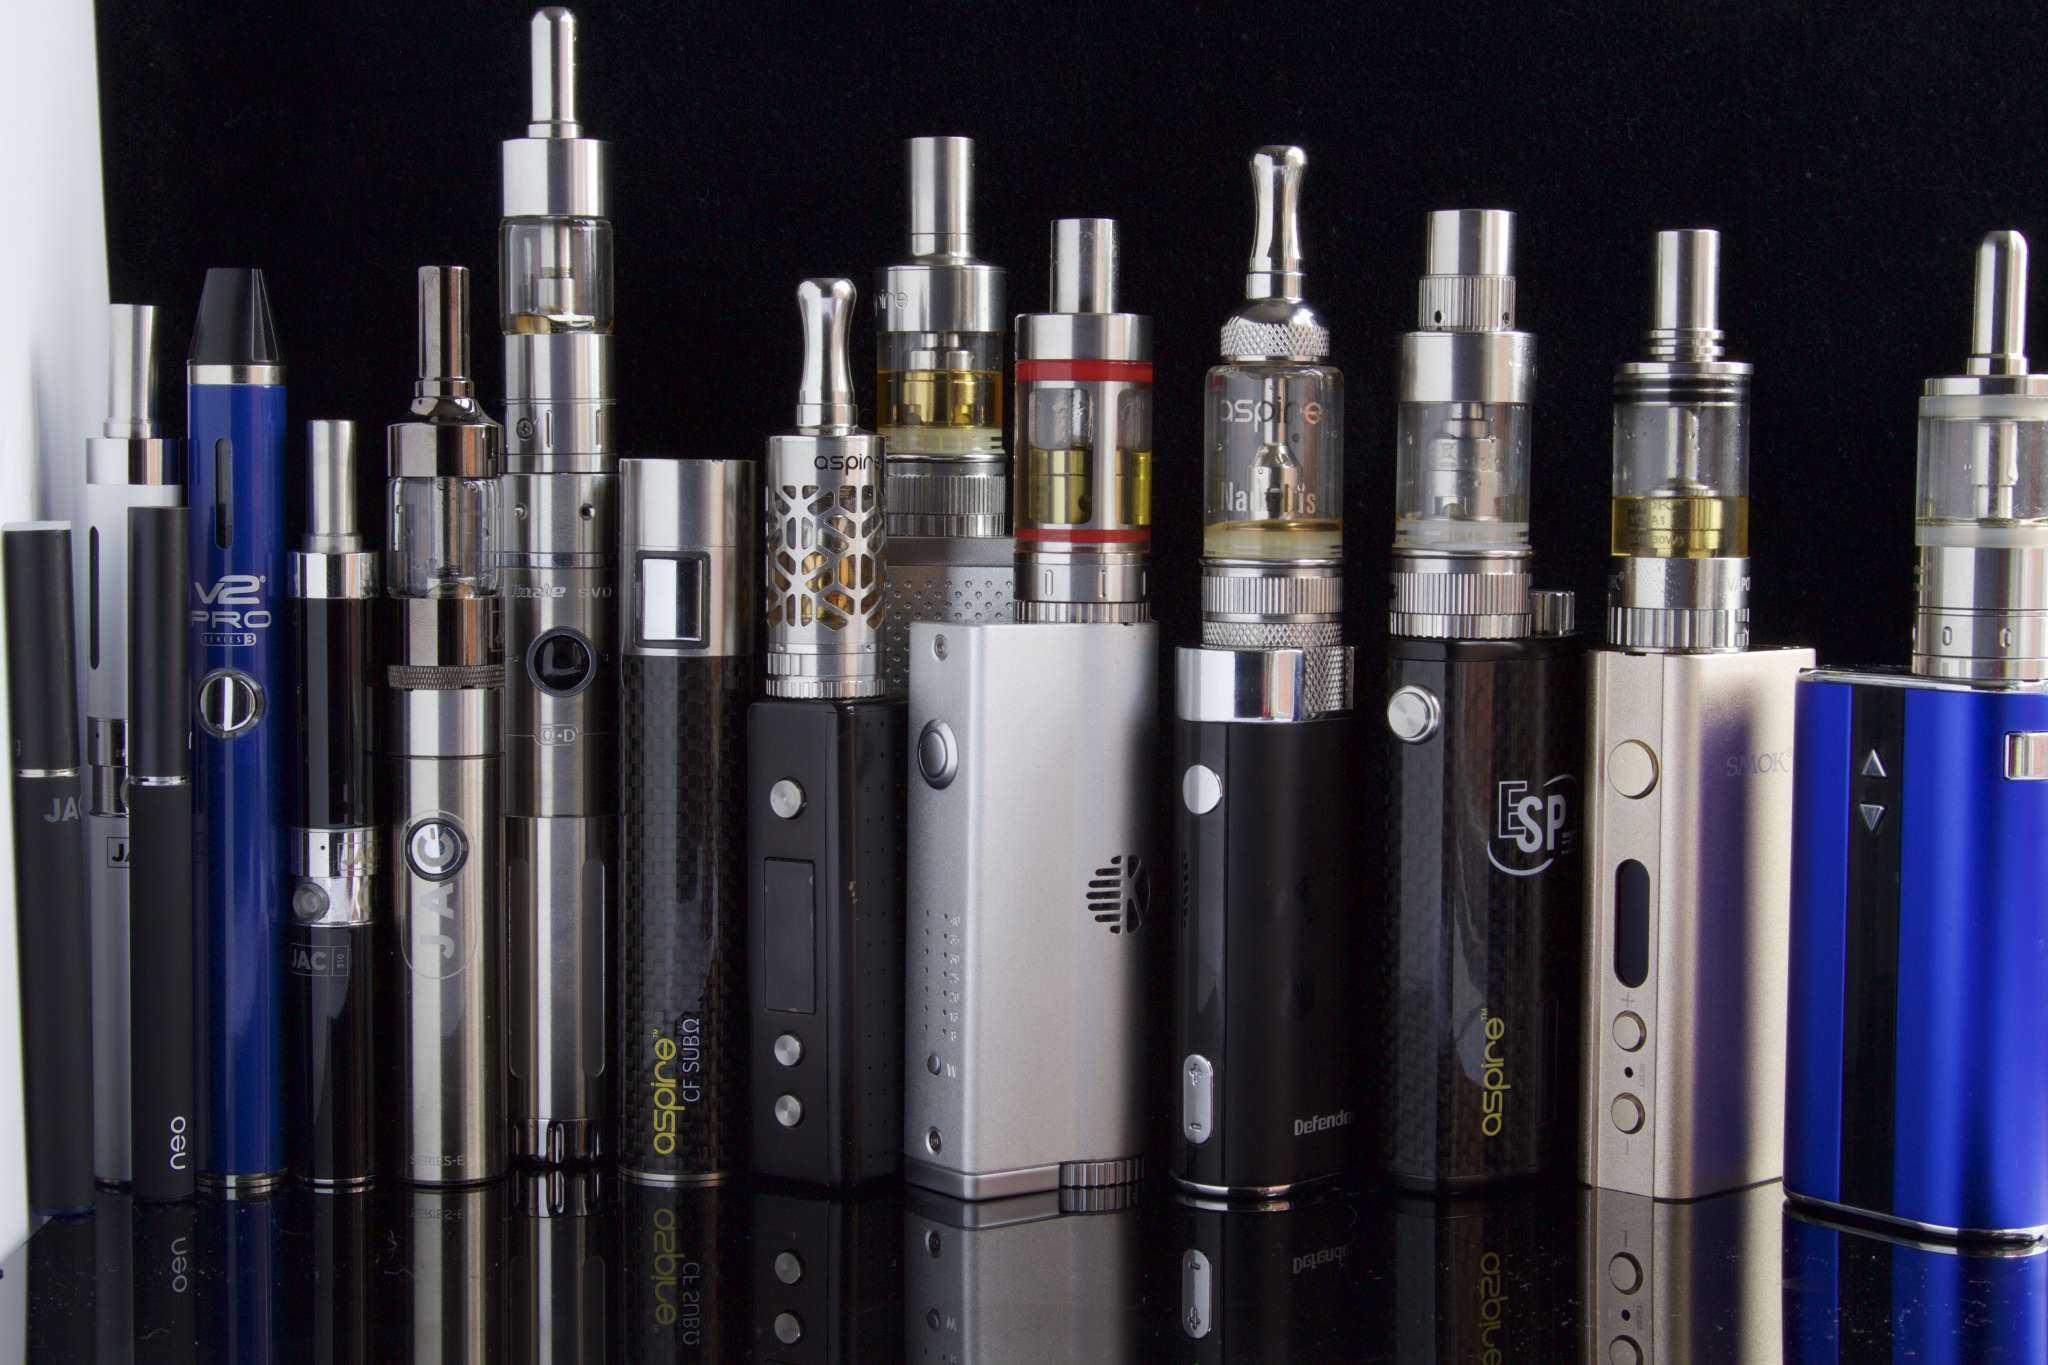 Электронные сигареты: топ лучших моделей 2020 года. плюсы и минусы перехода на электронные сигареты: производители, отзывы, цены